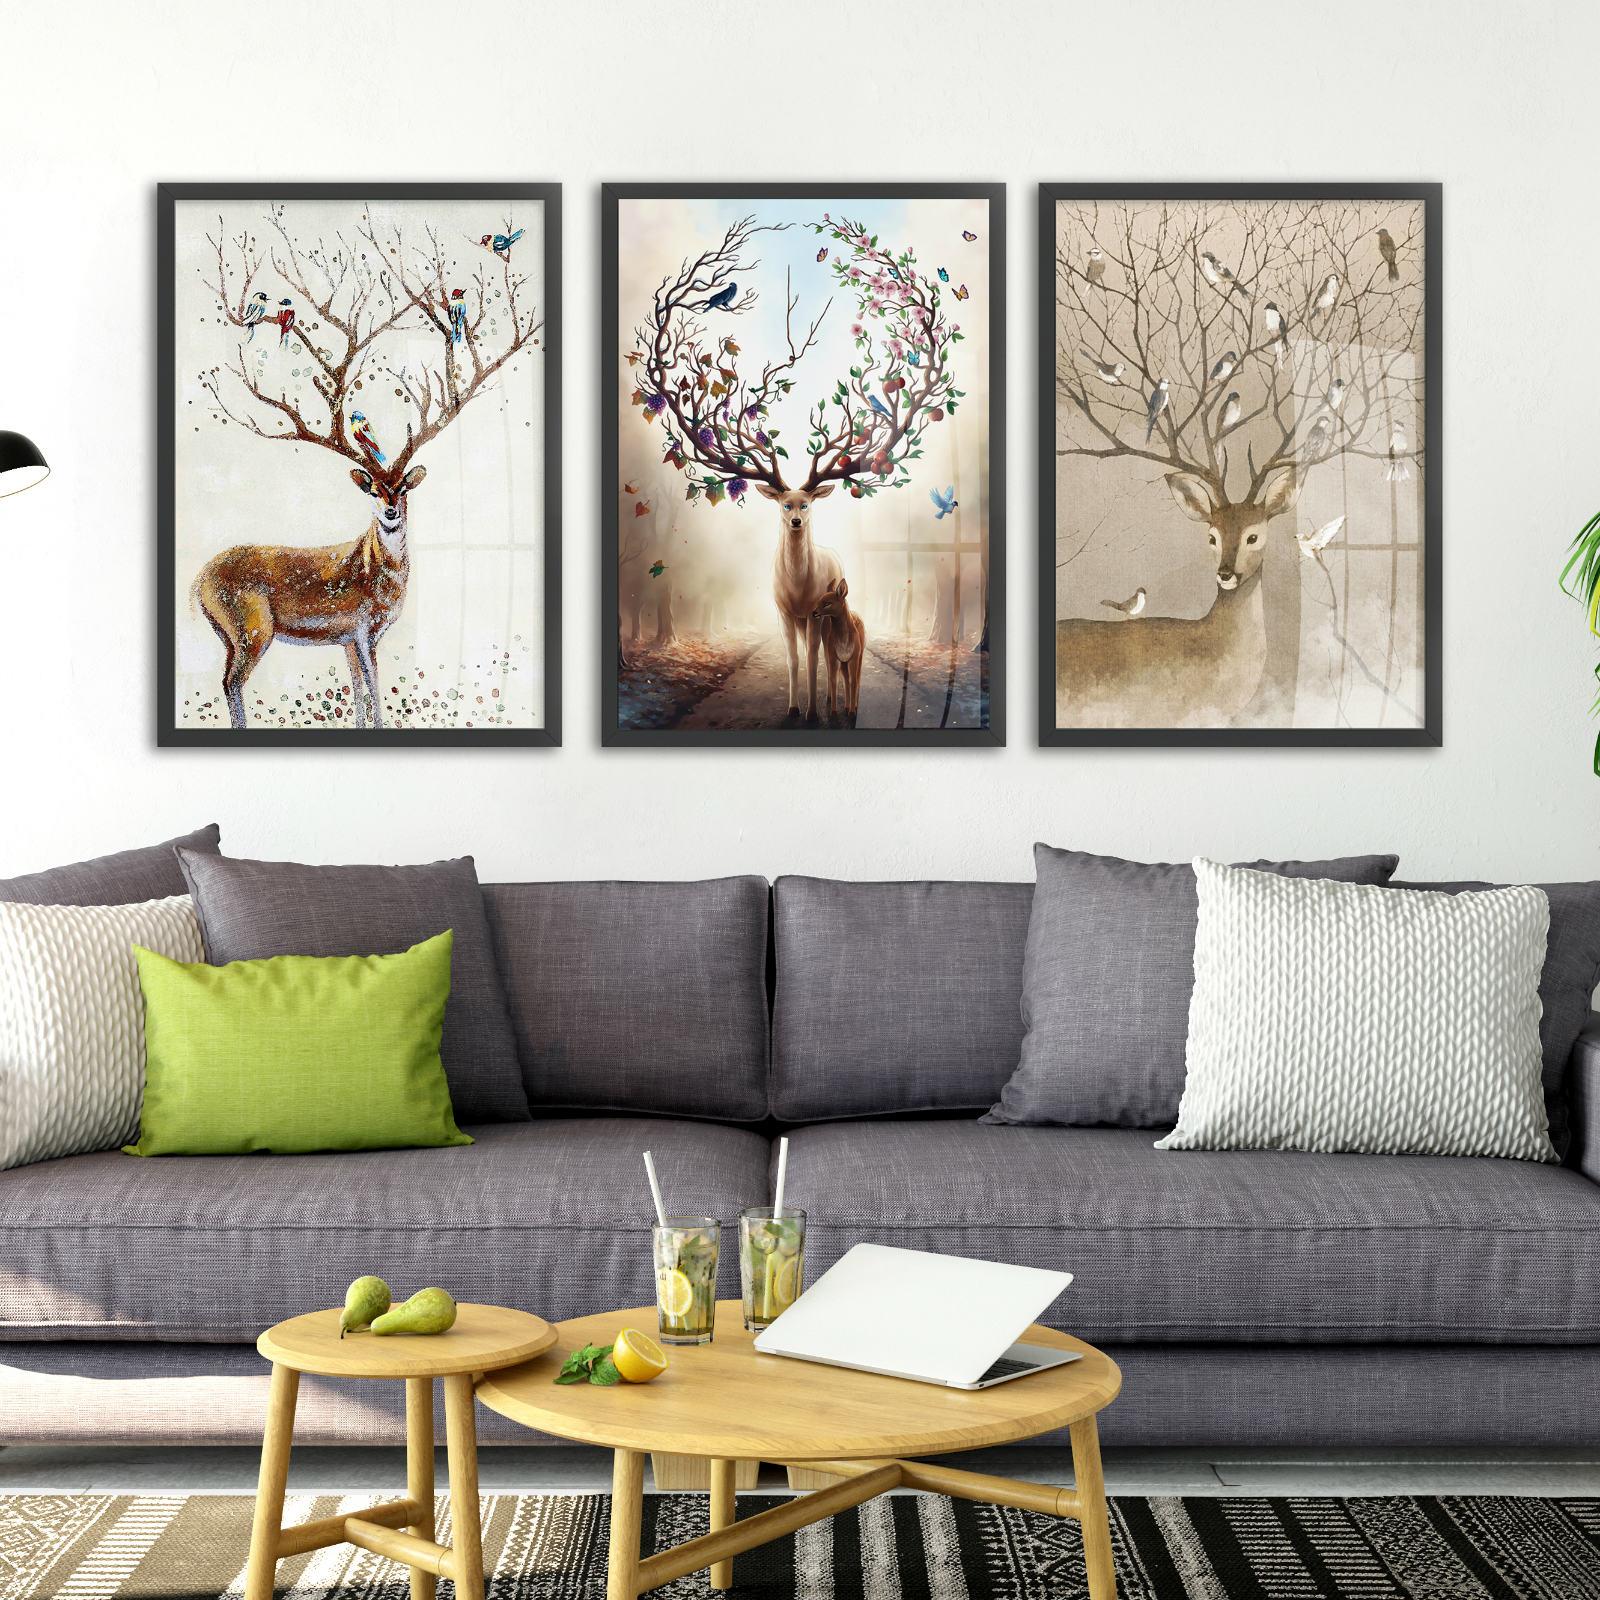 北欧客厅沙发背景装饰画卧室壁画现代简约风格挂画玄关餐厅墙画